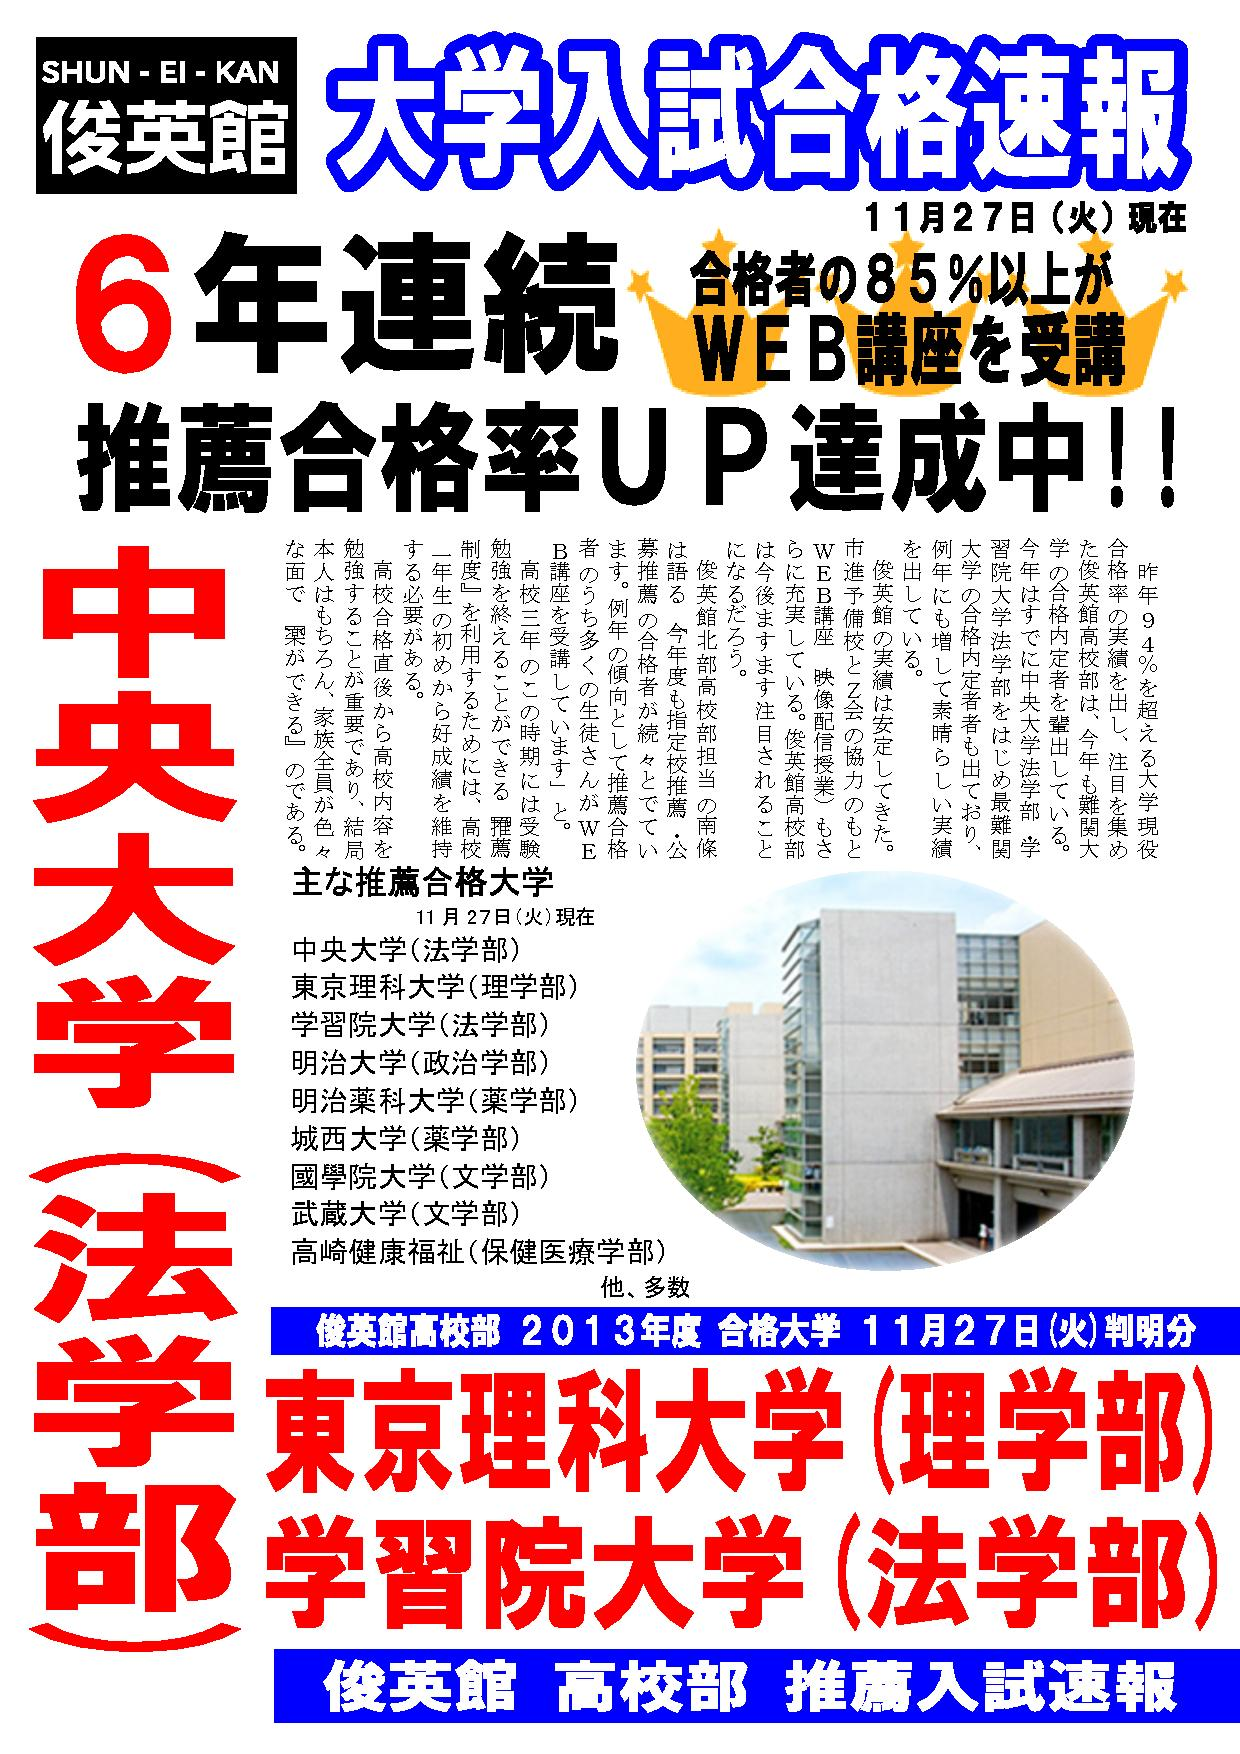 合格 学習院 発表 大学